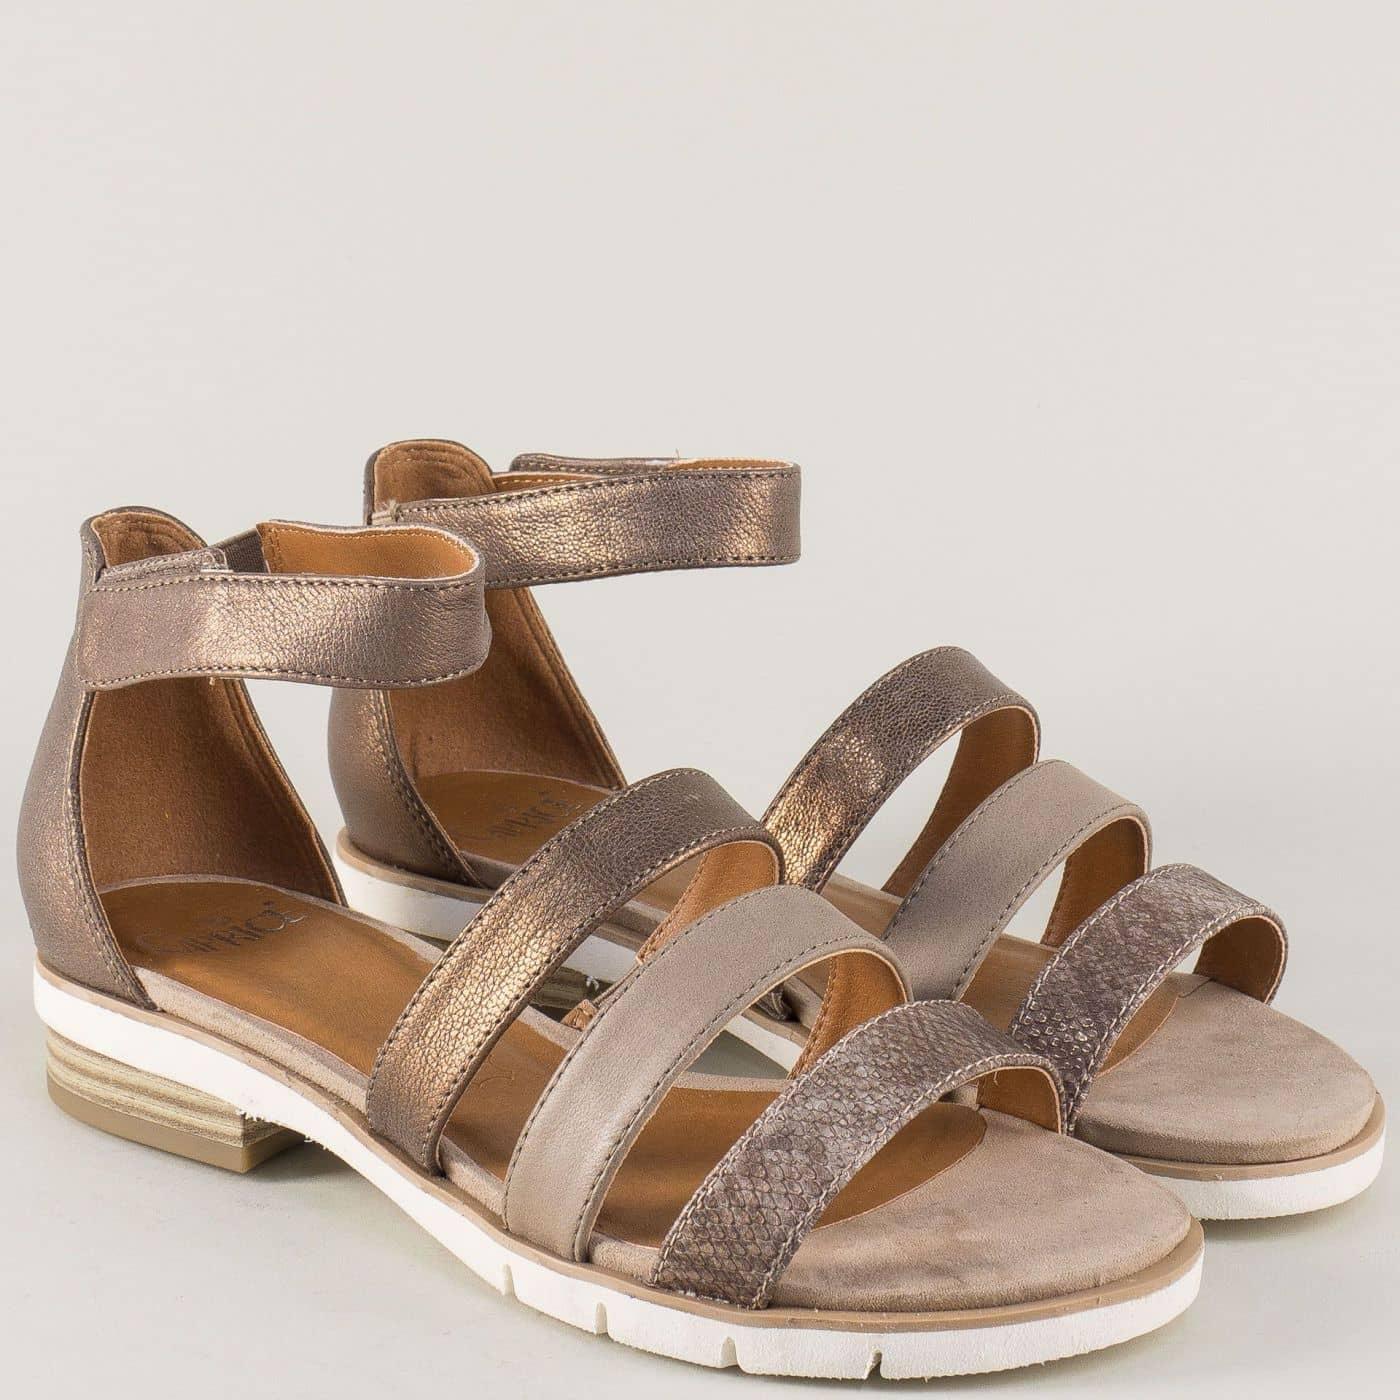 0f7b36e0ac7 Кожени дамски сандали в кафяво, злато и сиво- Caprice 928602k - Sisi-bg.com